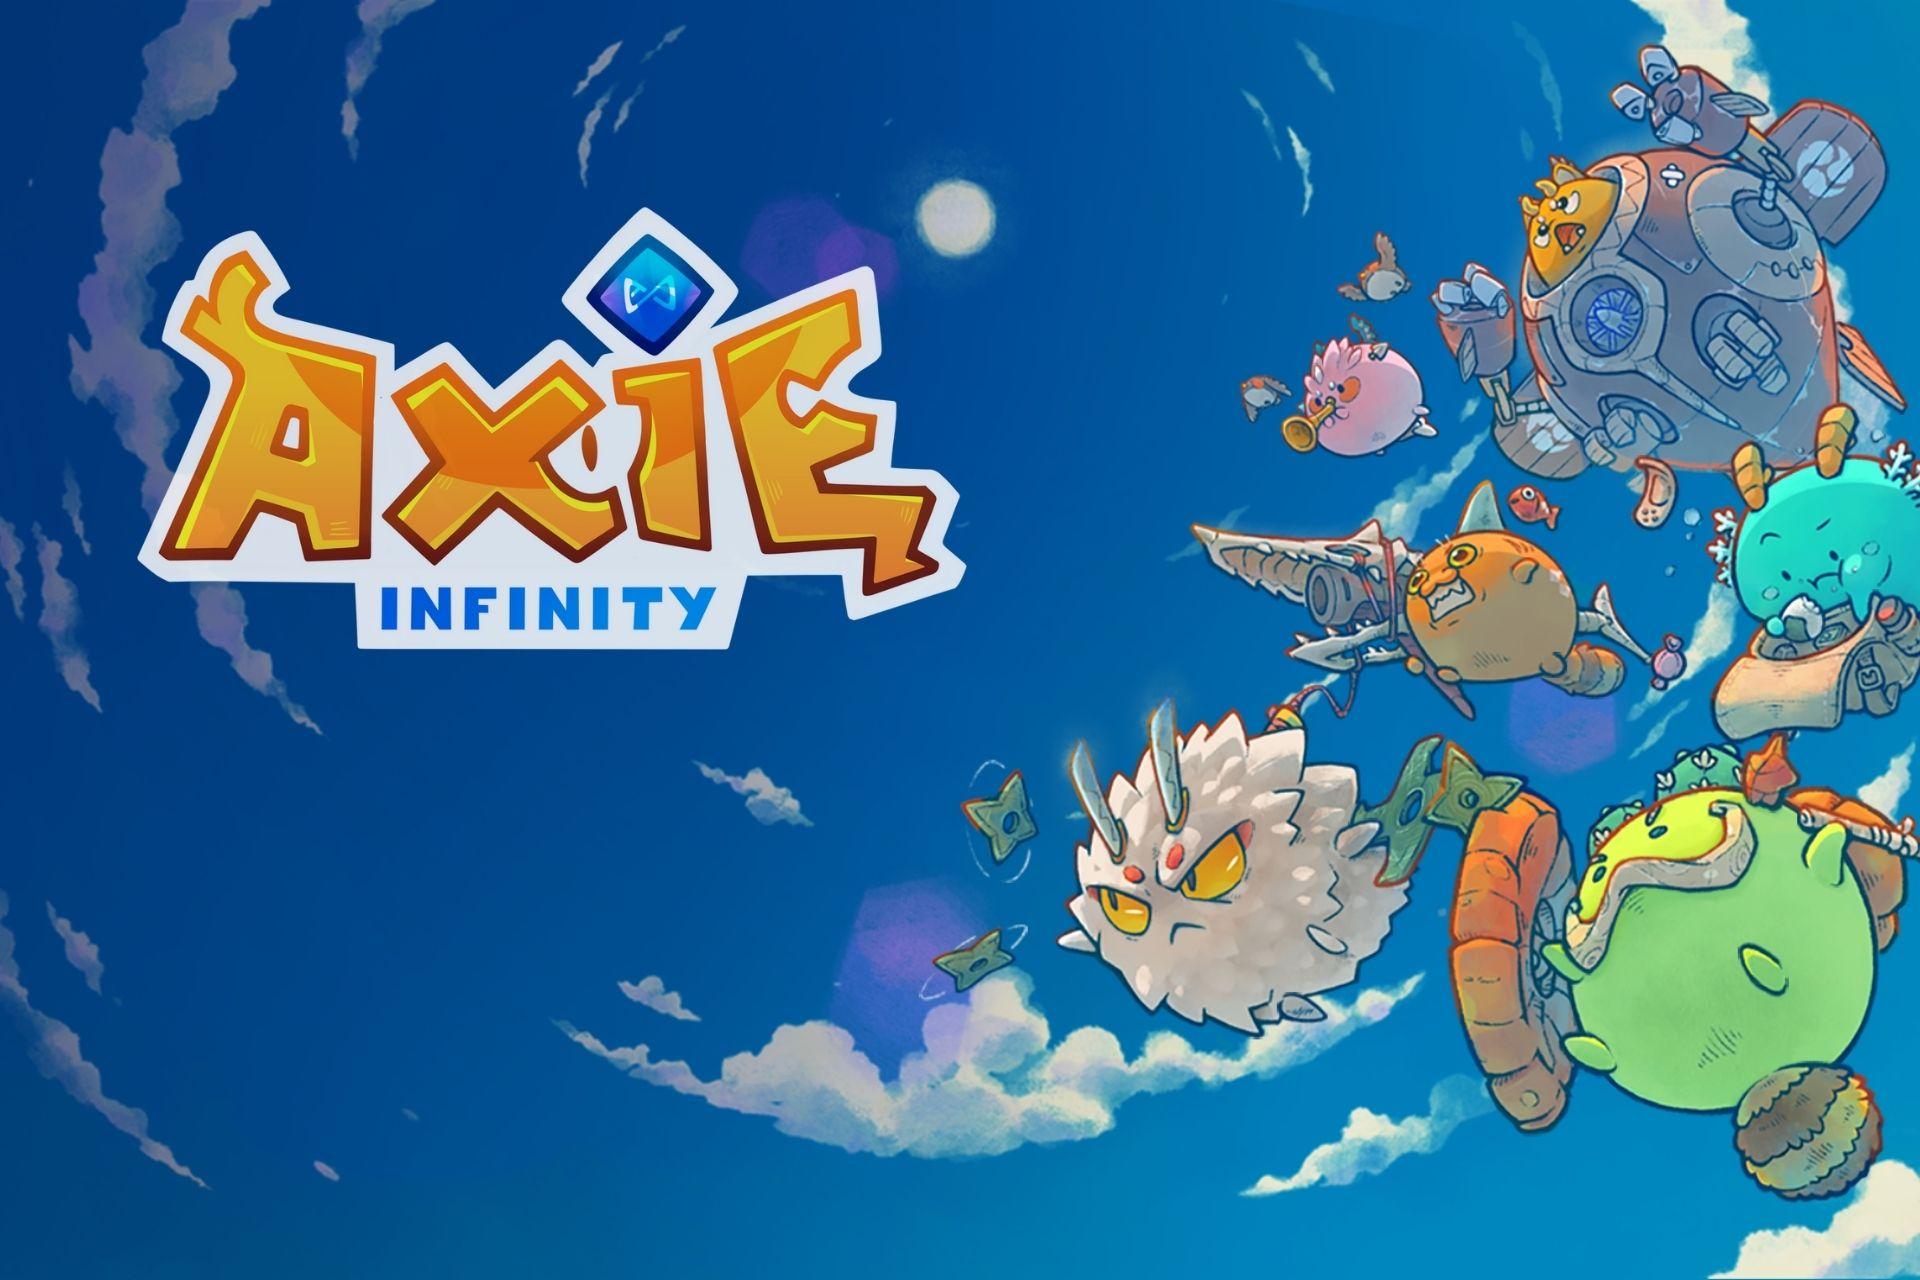 Sky Mavis recauda 152 millones de dólares de inversores institucionales para hacer crecer Axie Infinity y avanzar en la revolución del play-to-earn